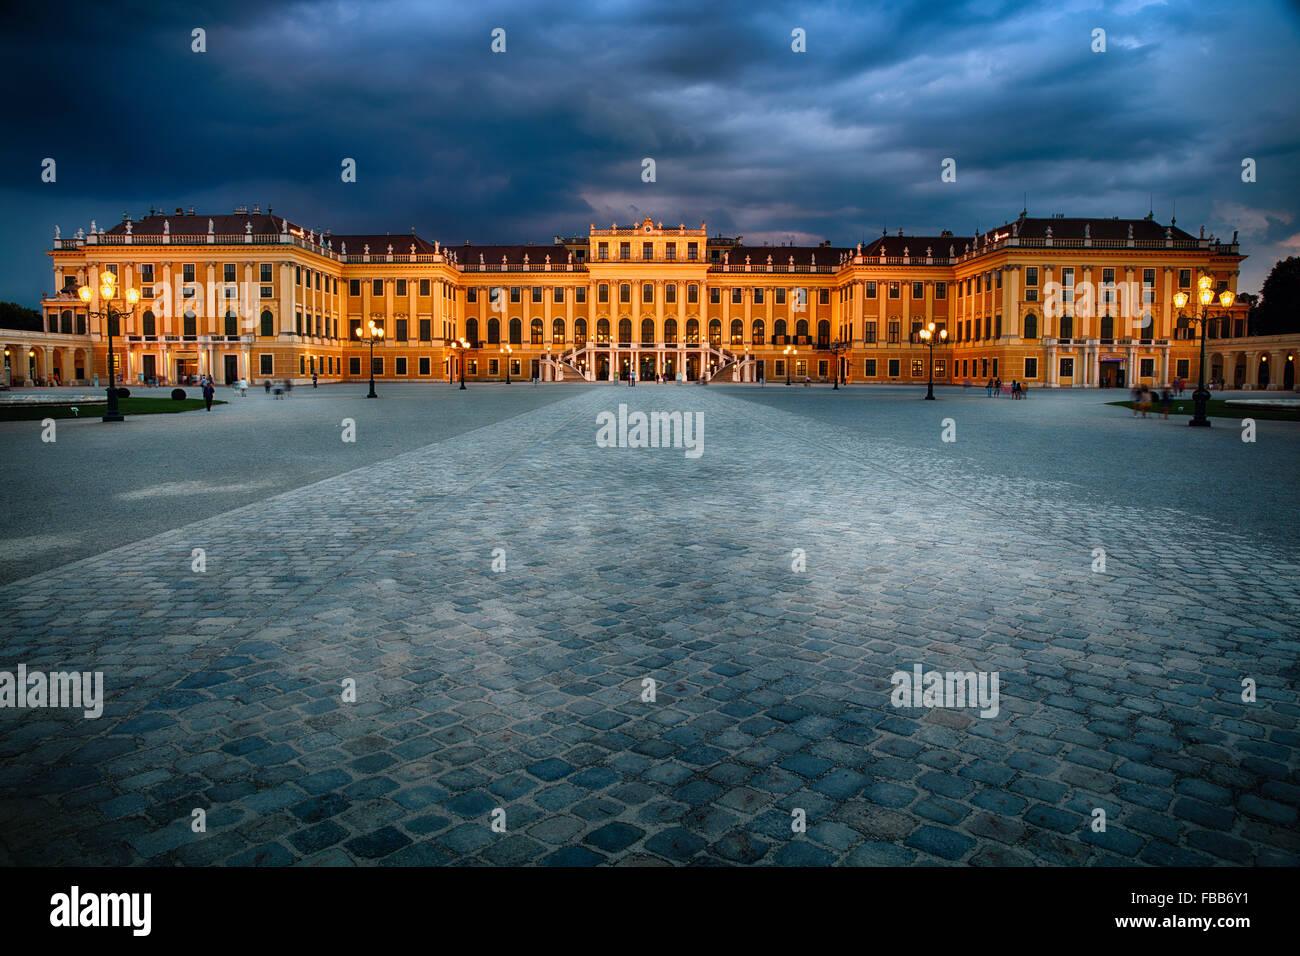 Ángulo de visión baja de un palacio barroco iluminado en la noche, al palacio de Schonbrunn, Viena, Austria Imagen De Stock